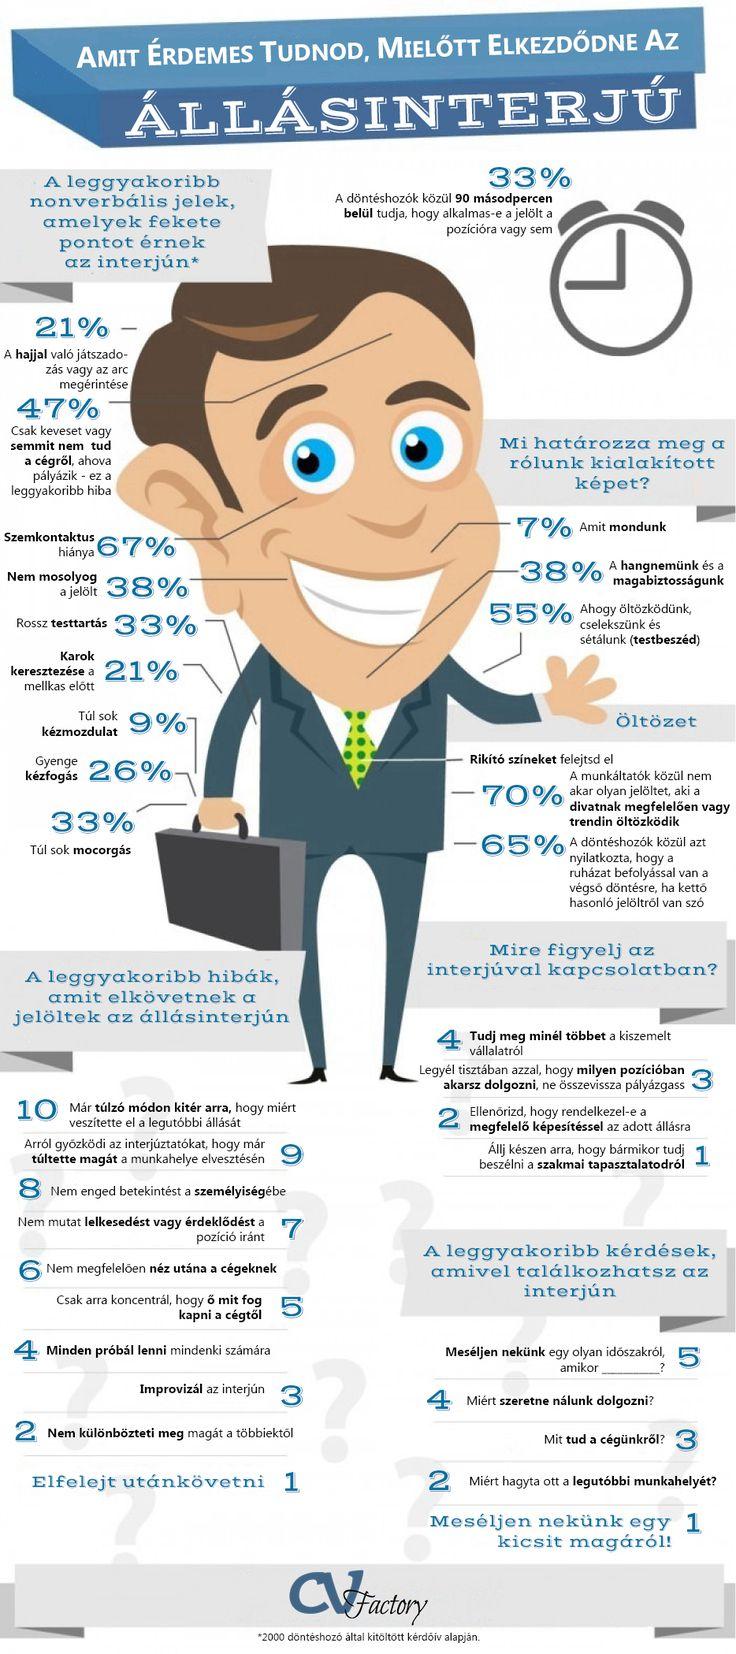 Interjú tippek: Mire figyelj az állásinterjú alatt? - CV Factory